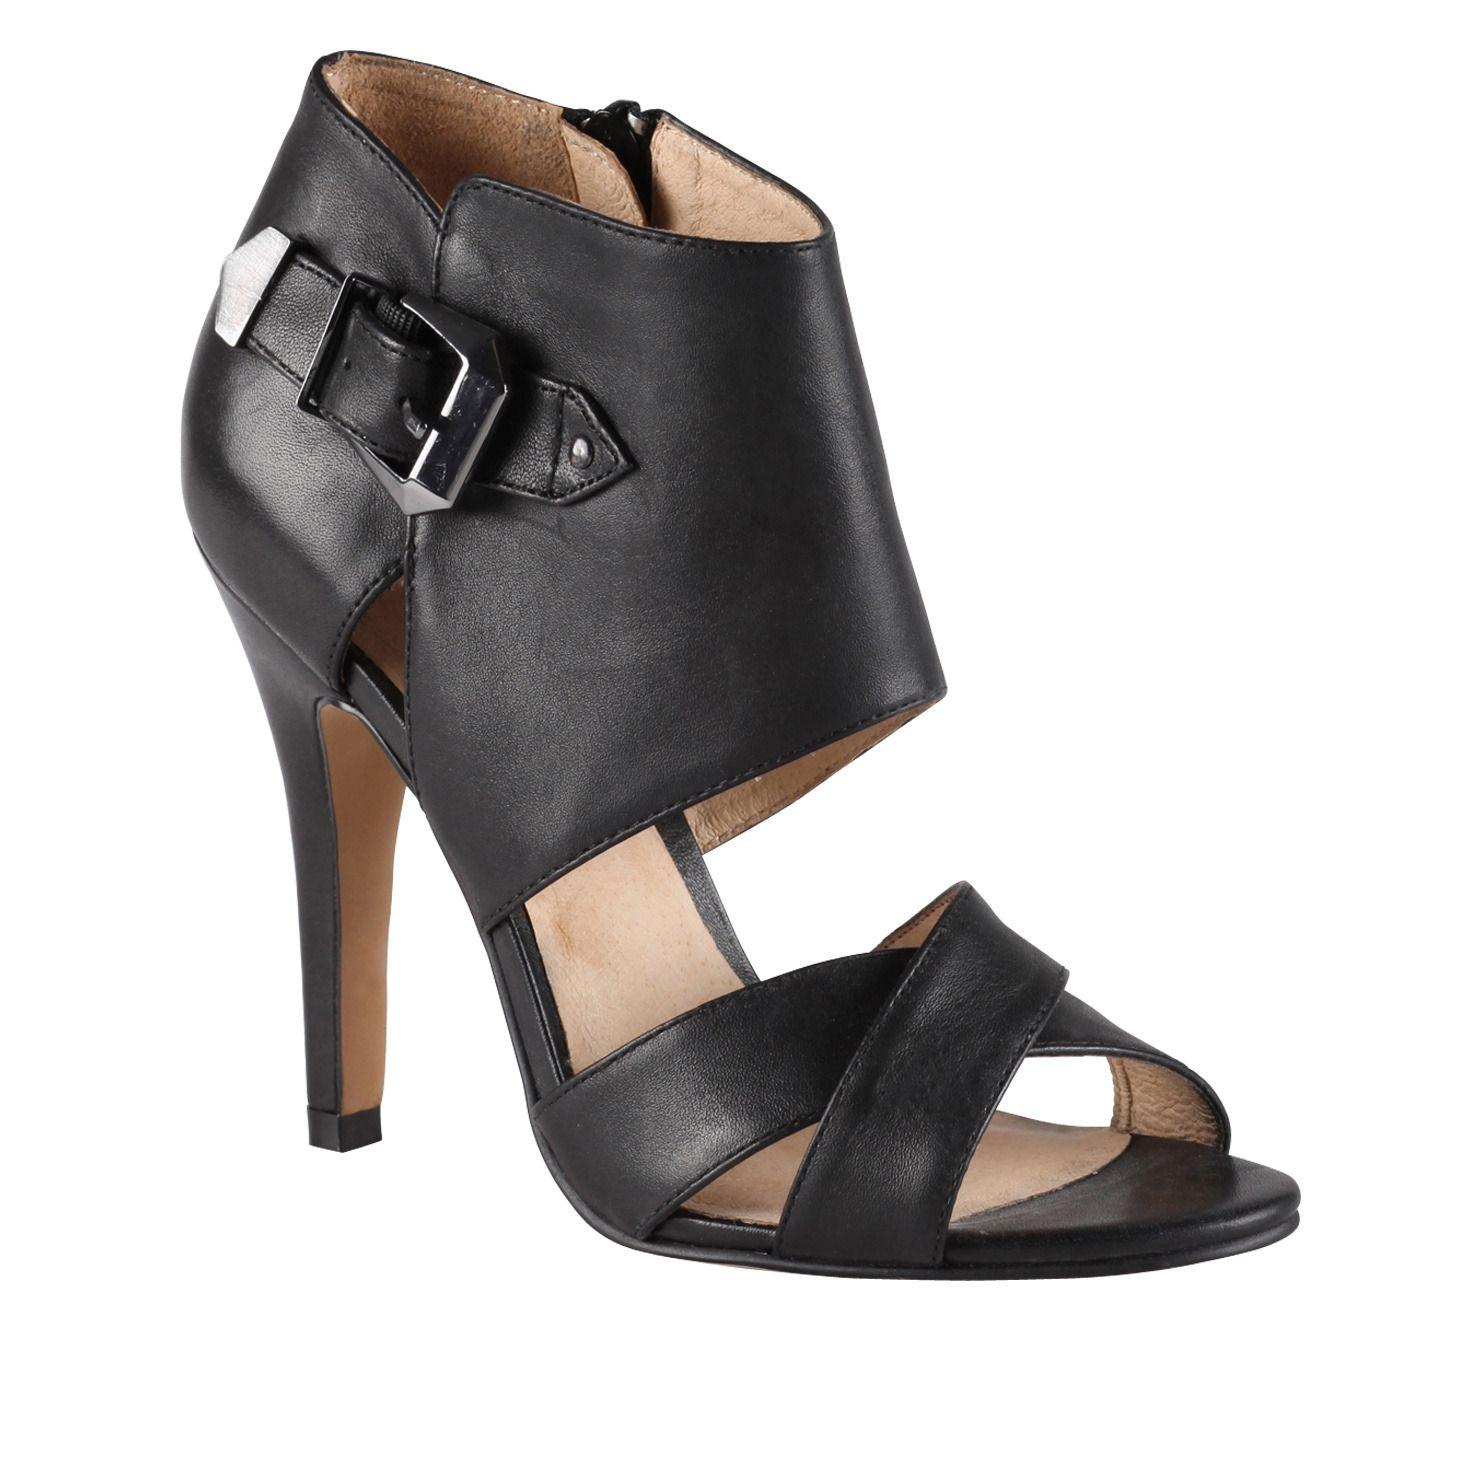 810e30574b6 EUGENIE - sale's sale shoes women for sale at ALDO Shoes. Half off ...